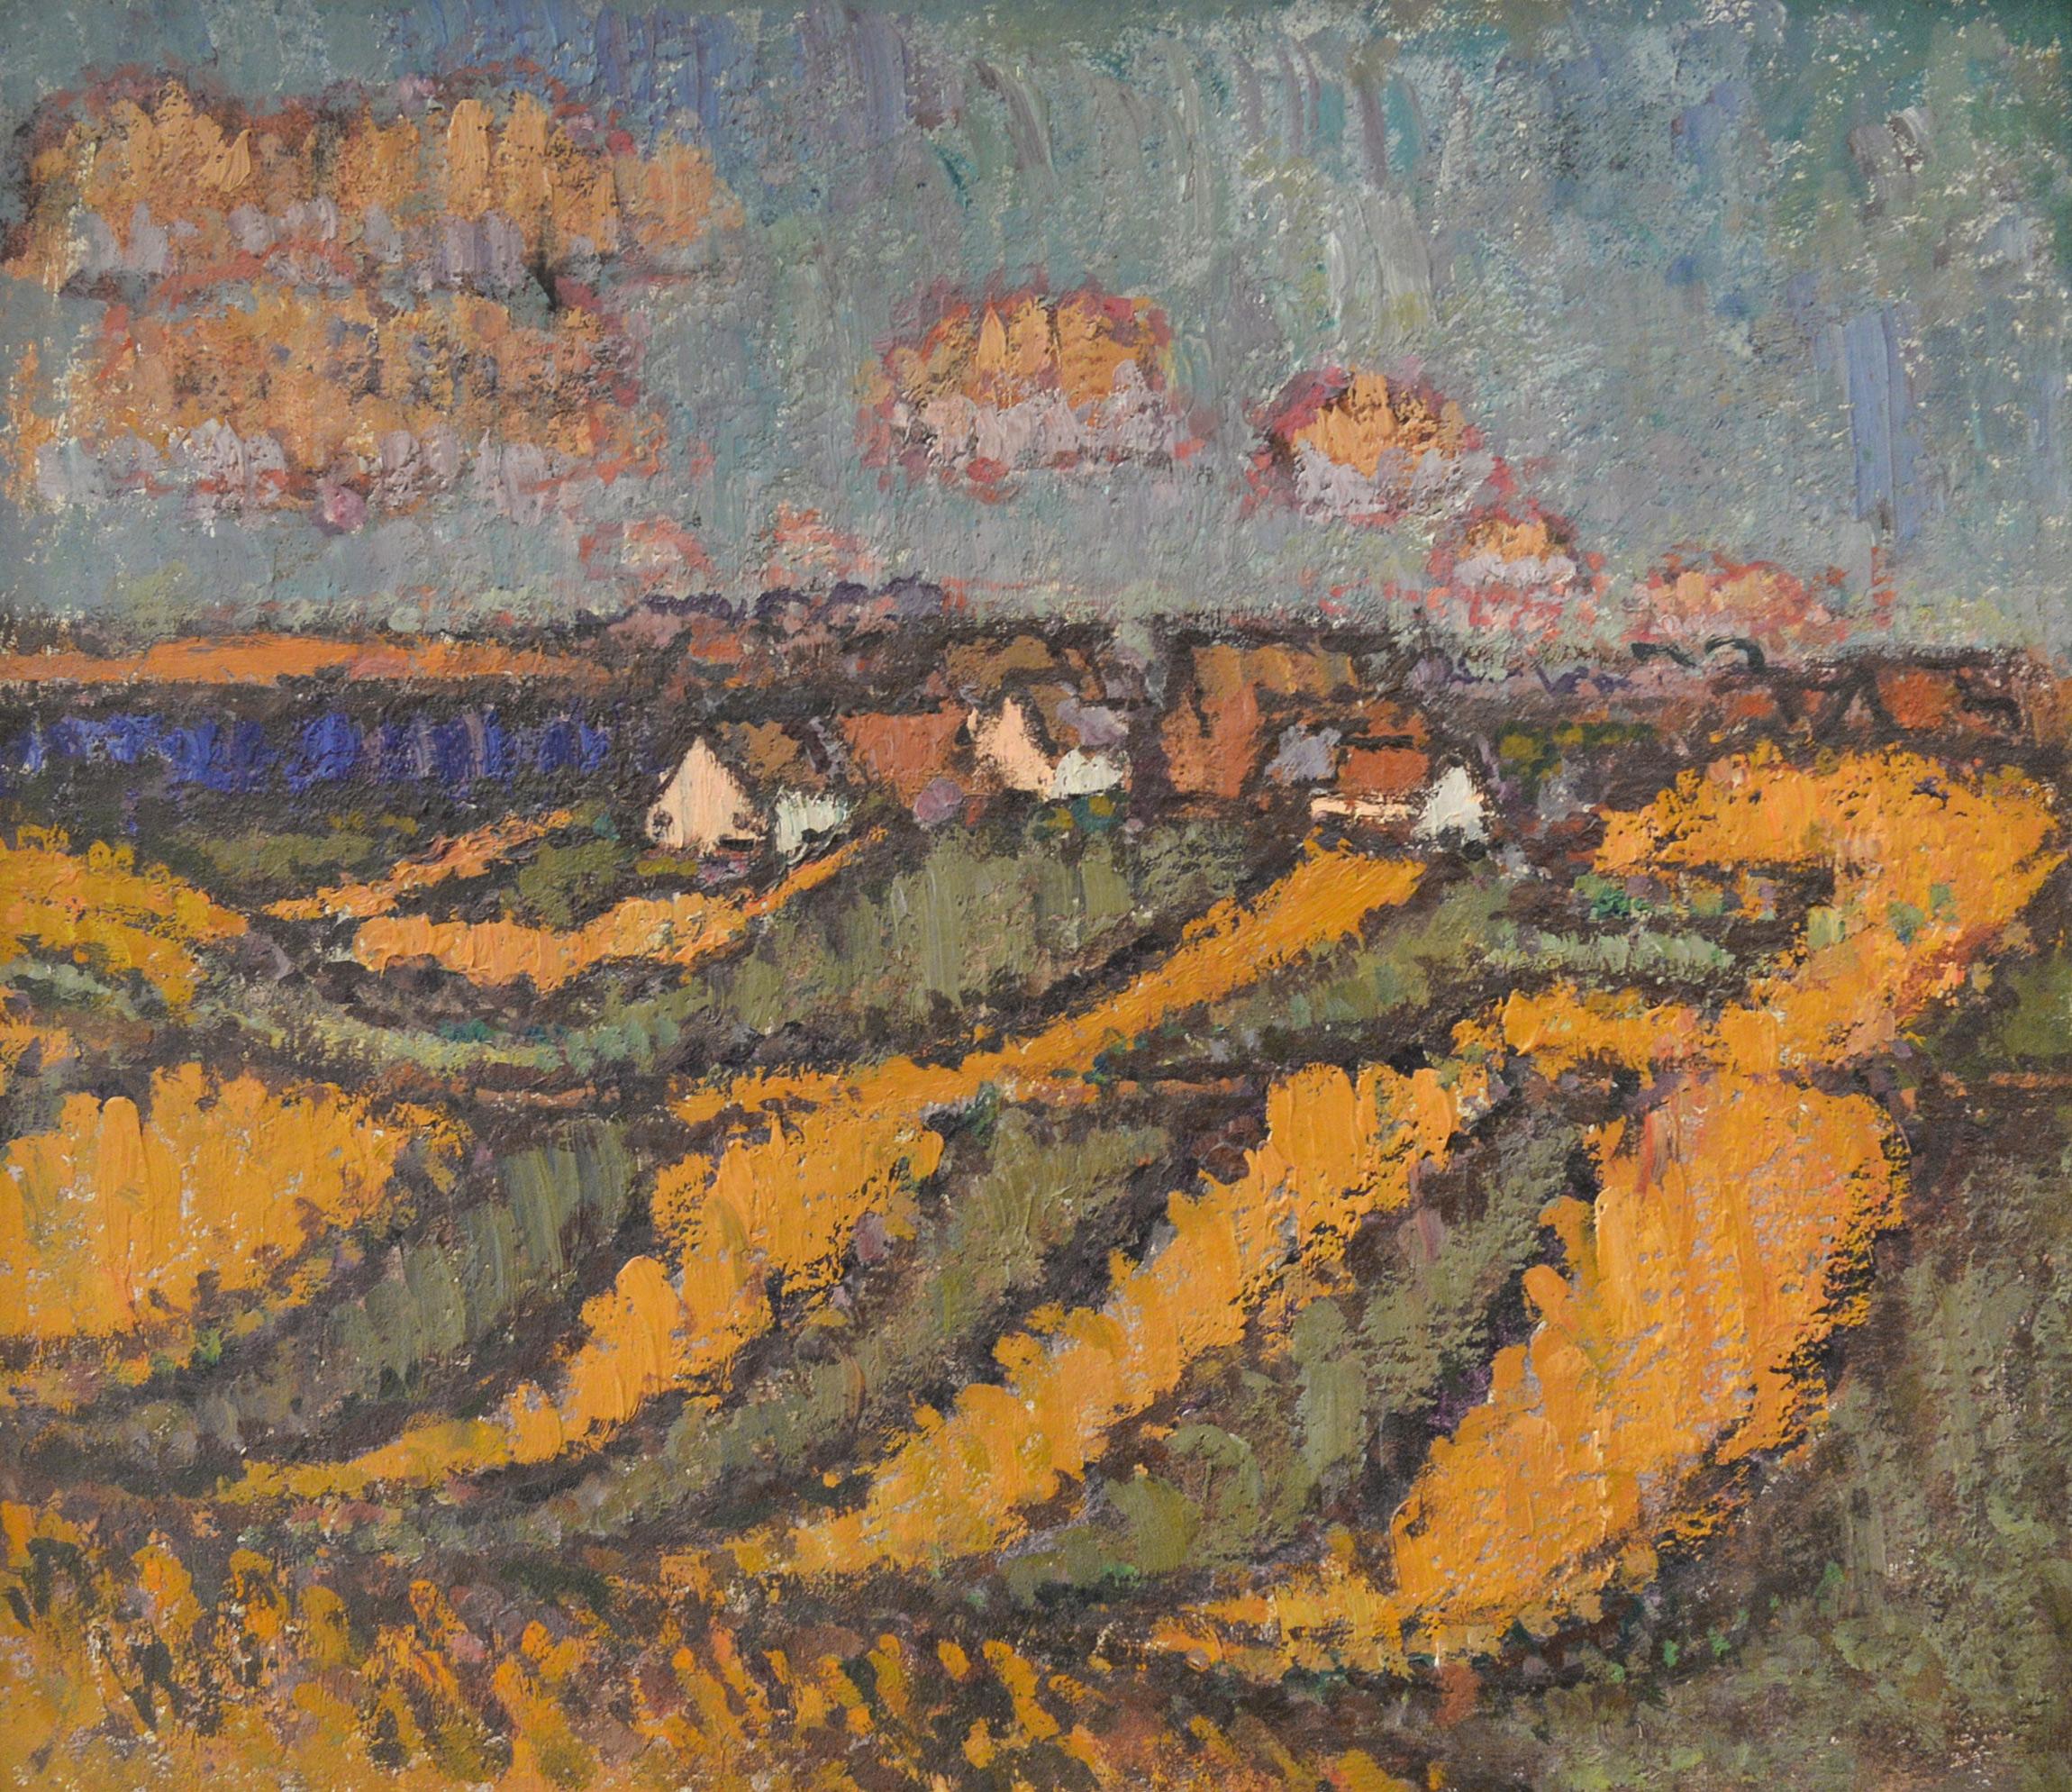 Otto Manigk, Handtuchfelder, 1937-38